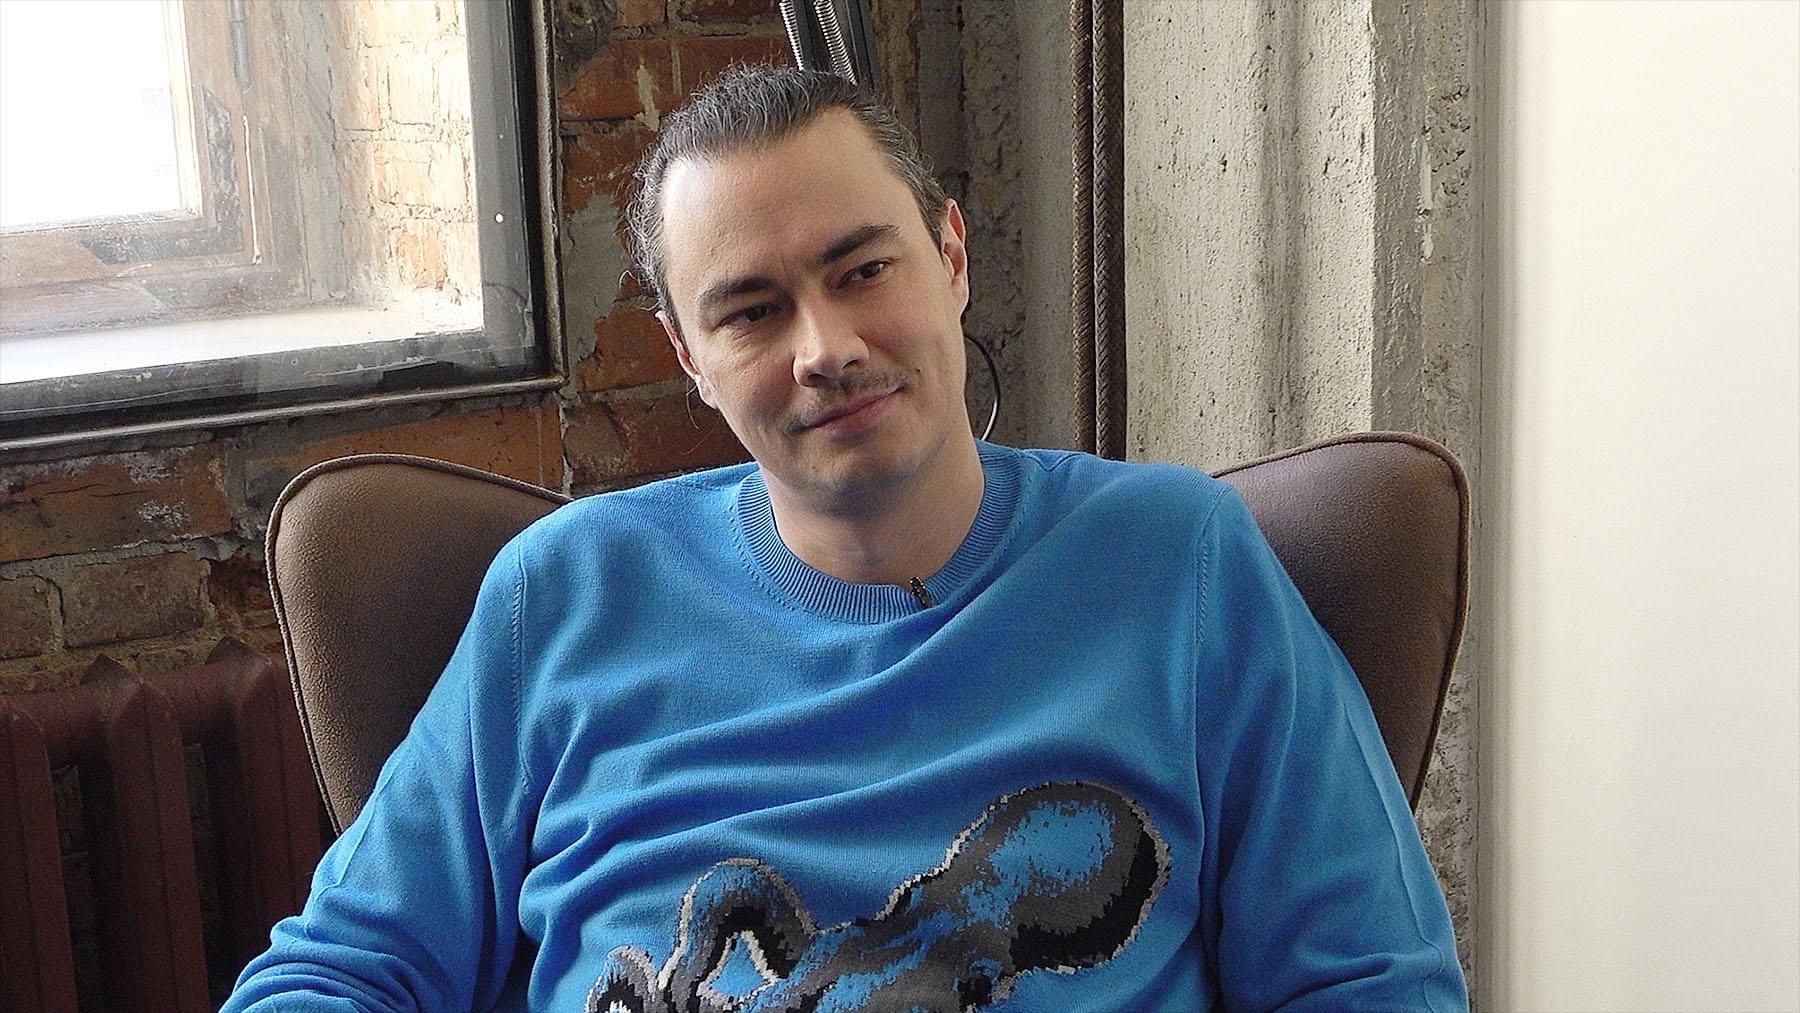 Жора Крыжовников вовремя съёмок интервью для Bookmate Journal